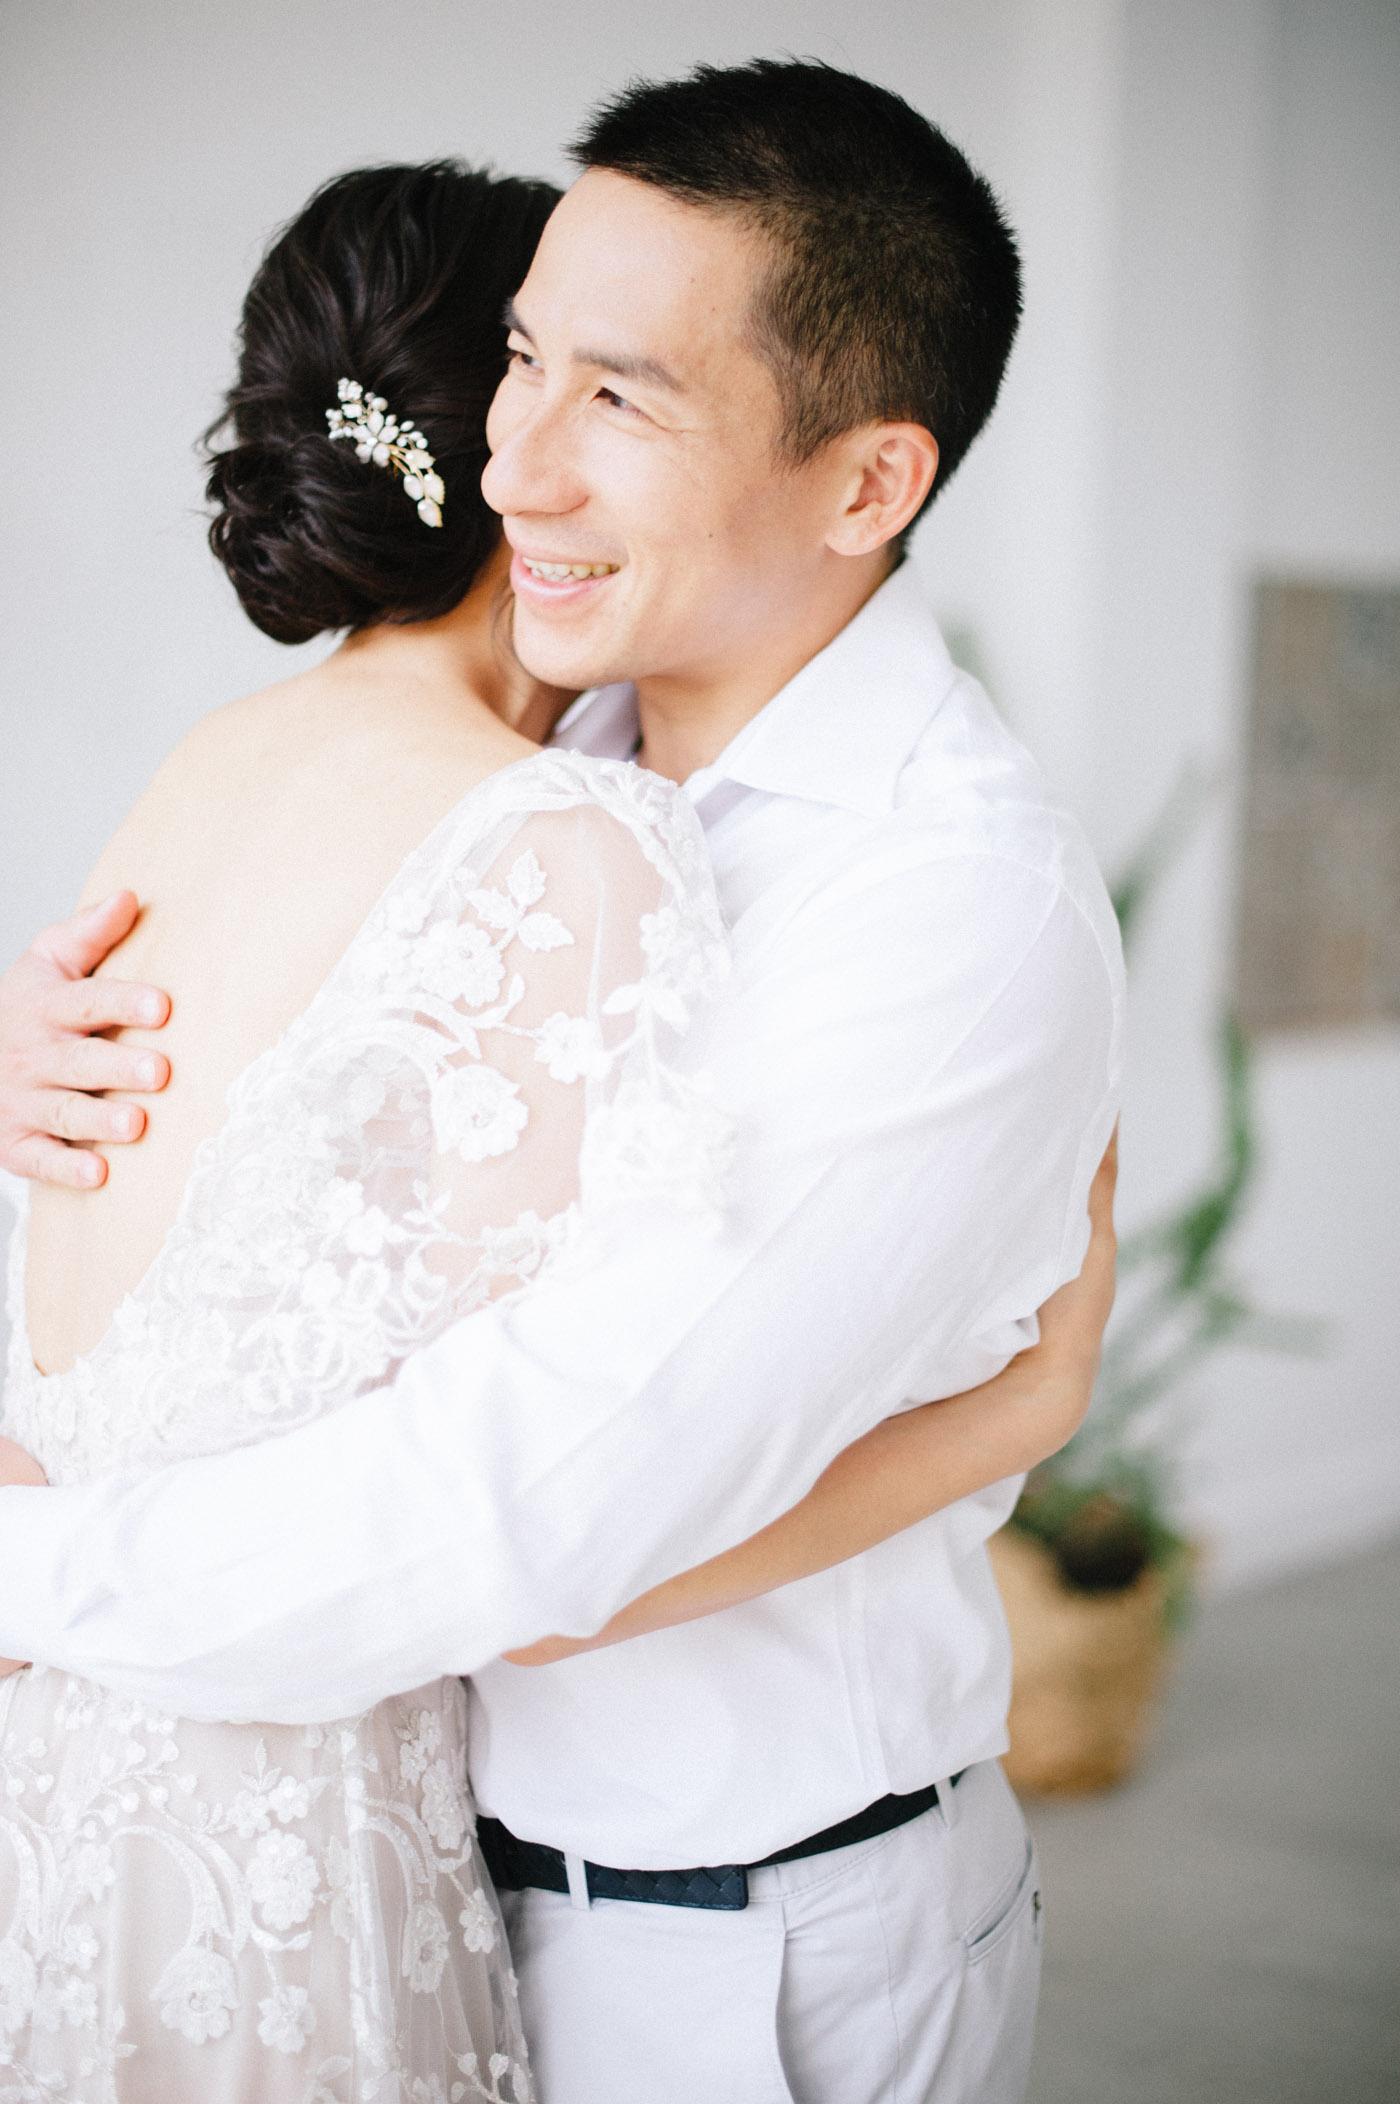 週年婚紗-唯諾禮服-親子-家庭照